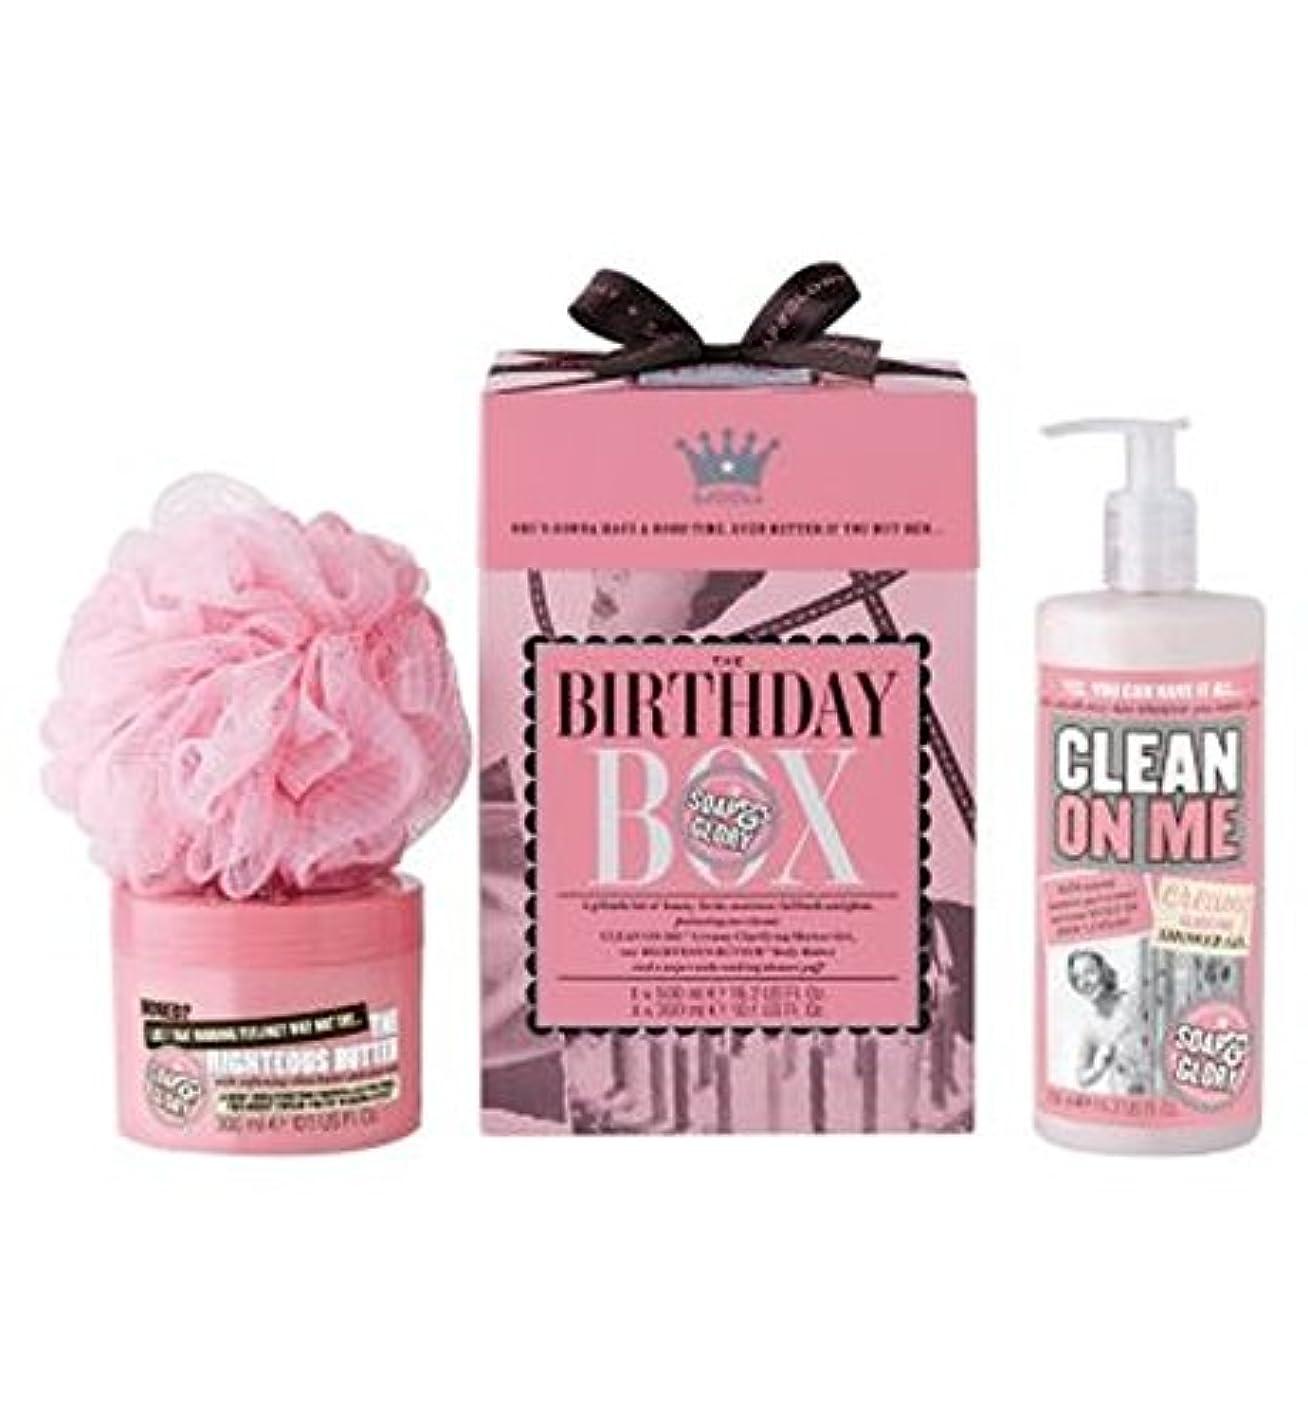 マイルドプレートいつSoap & Glory The Birthday Box Gift Set - 石鹸&栄光の誕生日箱のギフトセット (Soap & Glory) [並行輸入品]